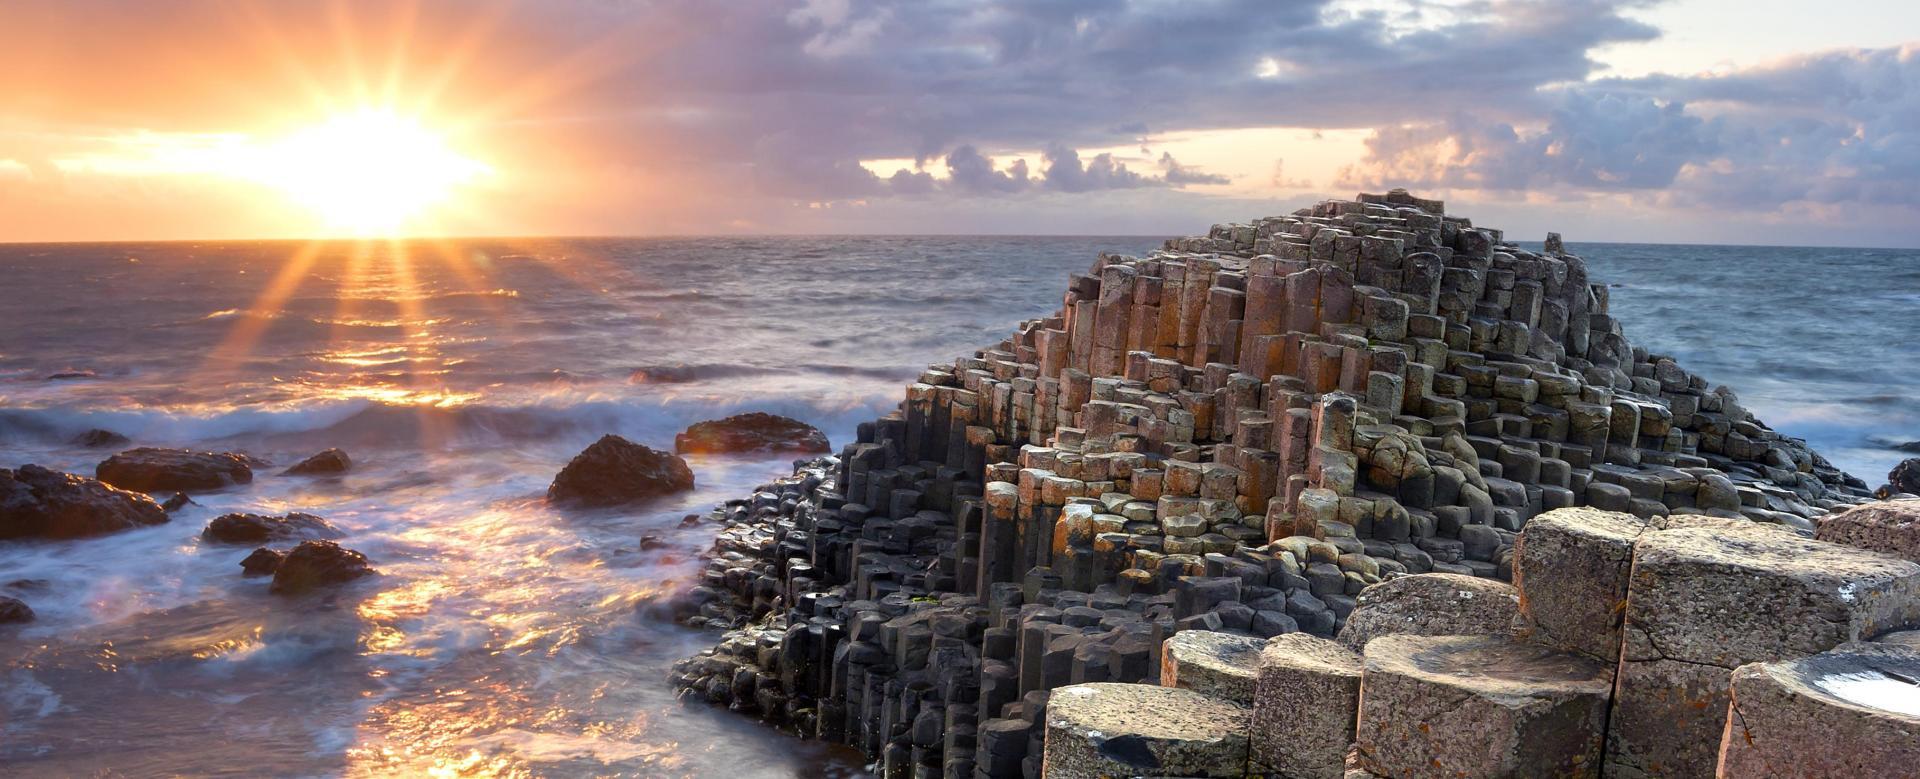 Voyage à pied Irlande : Donegal et lumières du nord